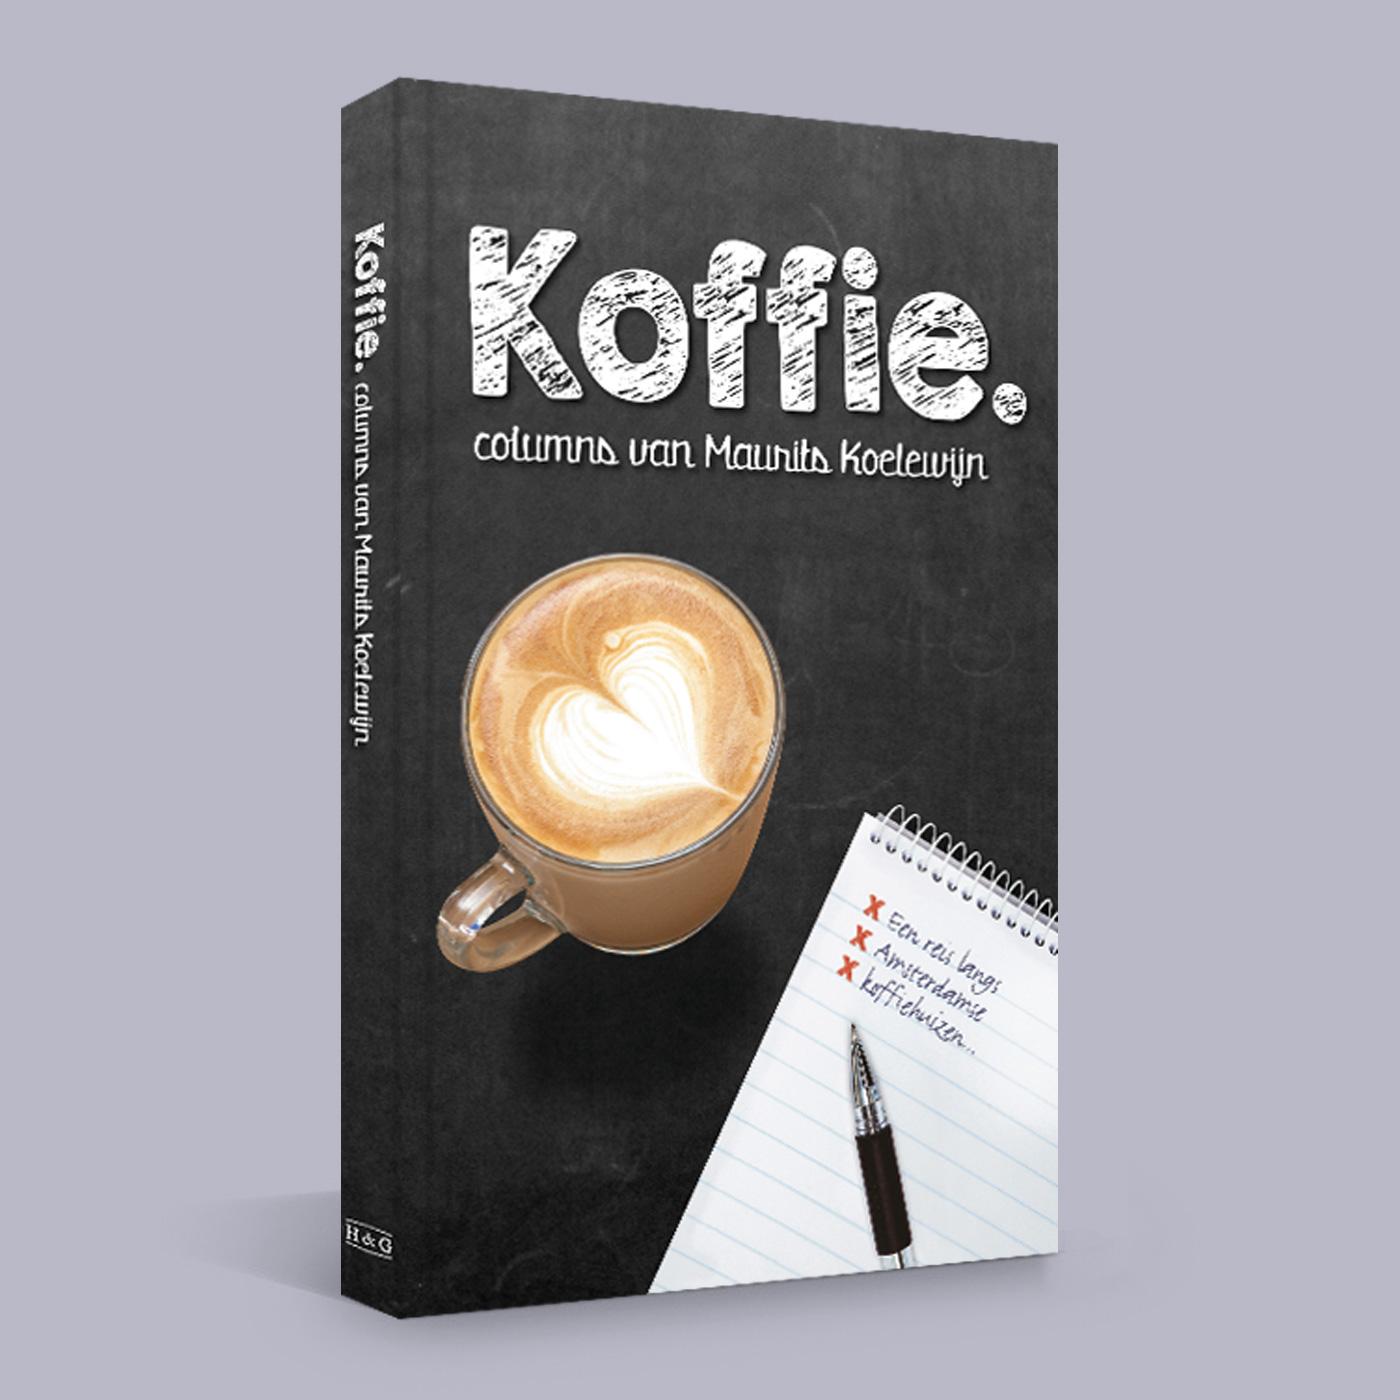 Opmaak en drukwerk van het boekje Koffie. met columns van Maurits Koelewijn, in opdracht van H